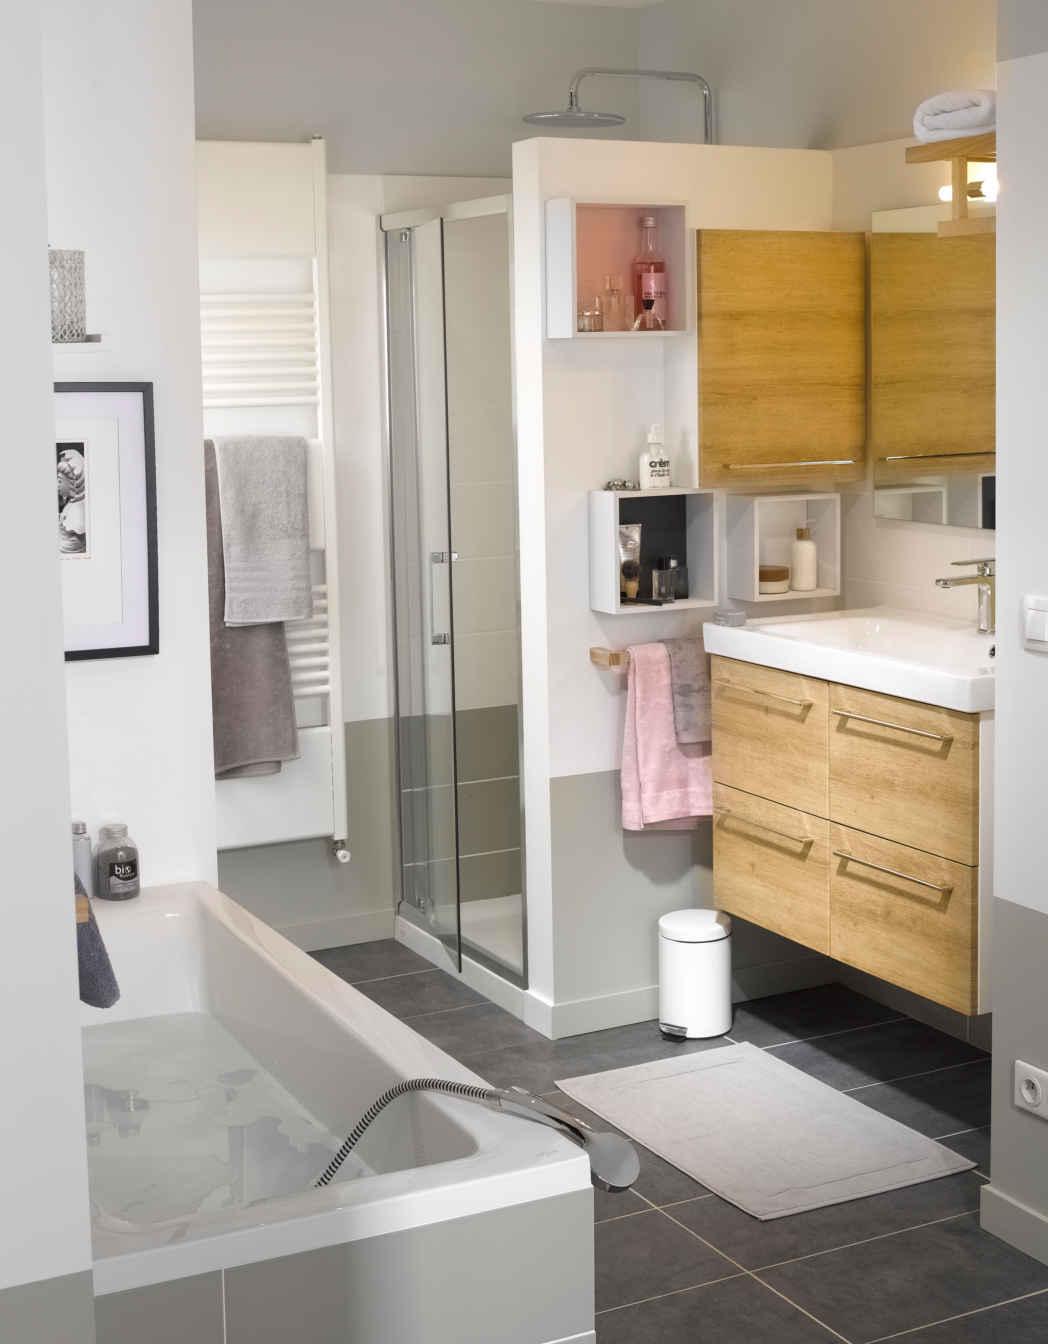 refaire une petite salle de bain elegant petite salle de bain idees deco moderne with refaire. Black Bedroom Furniture Sets. Home Design Ideas